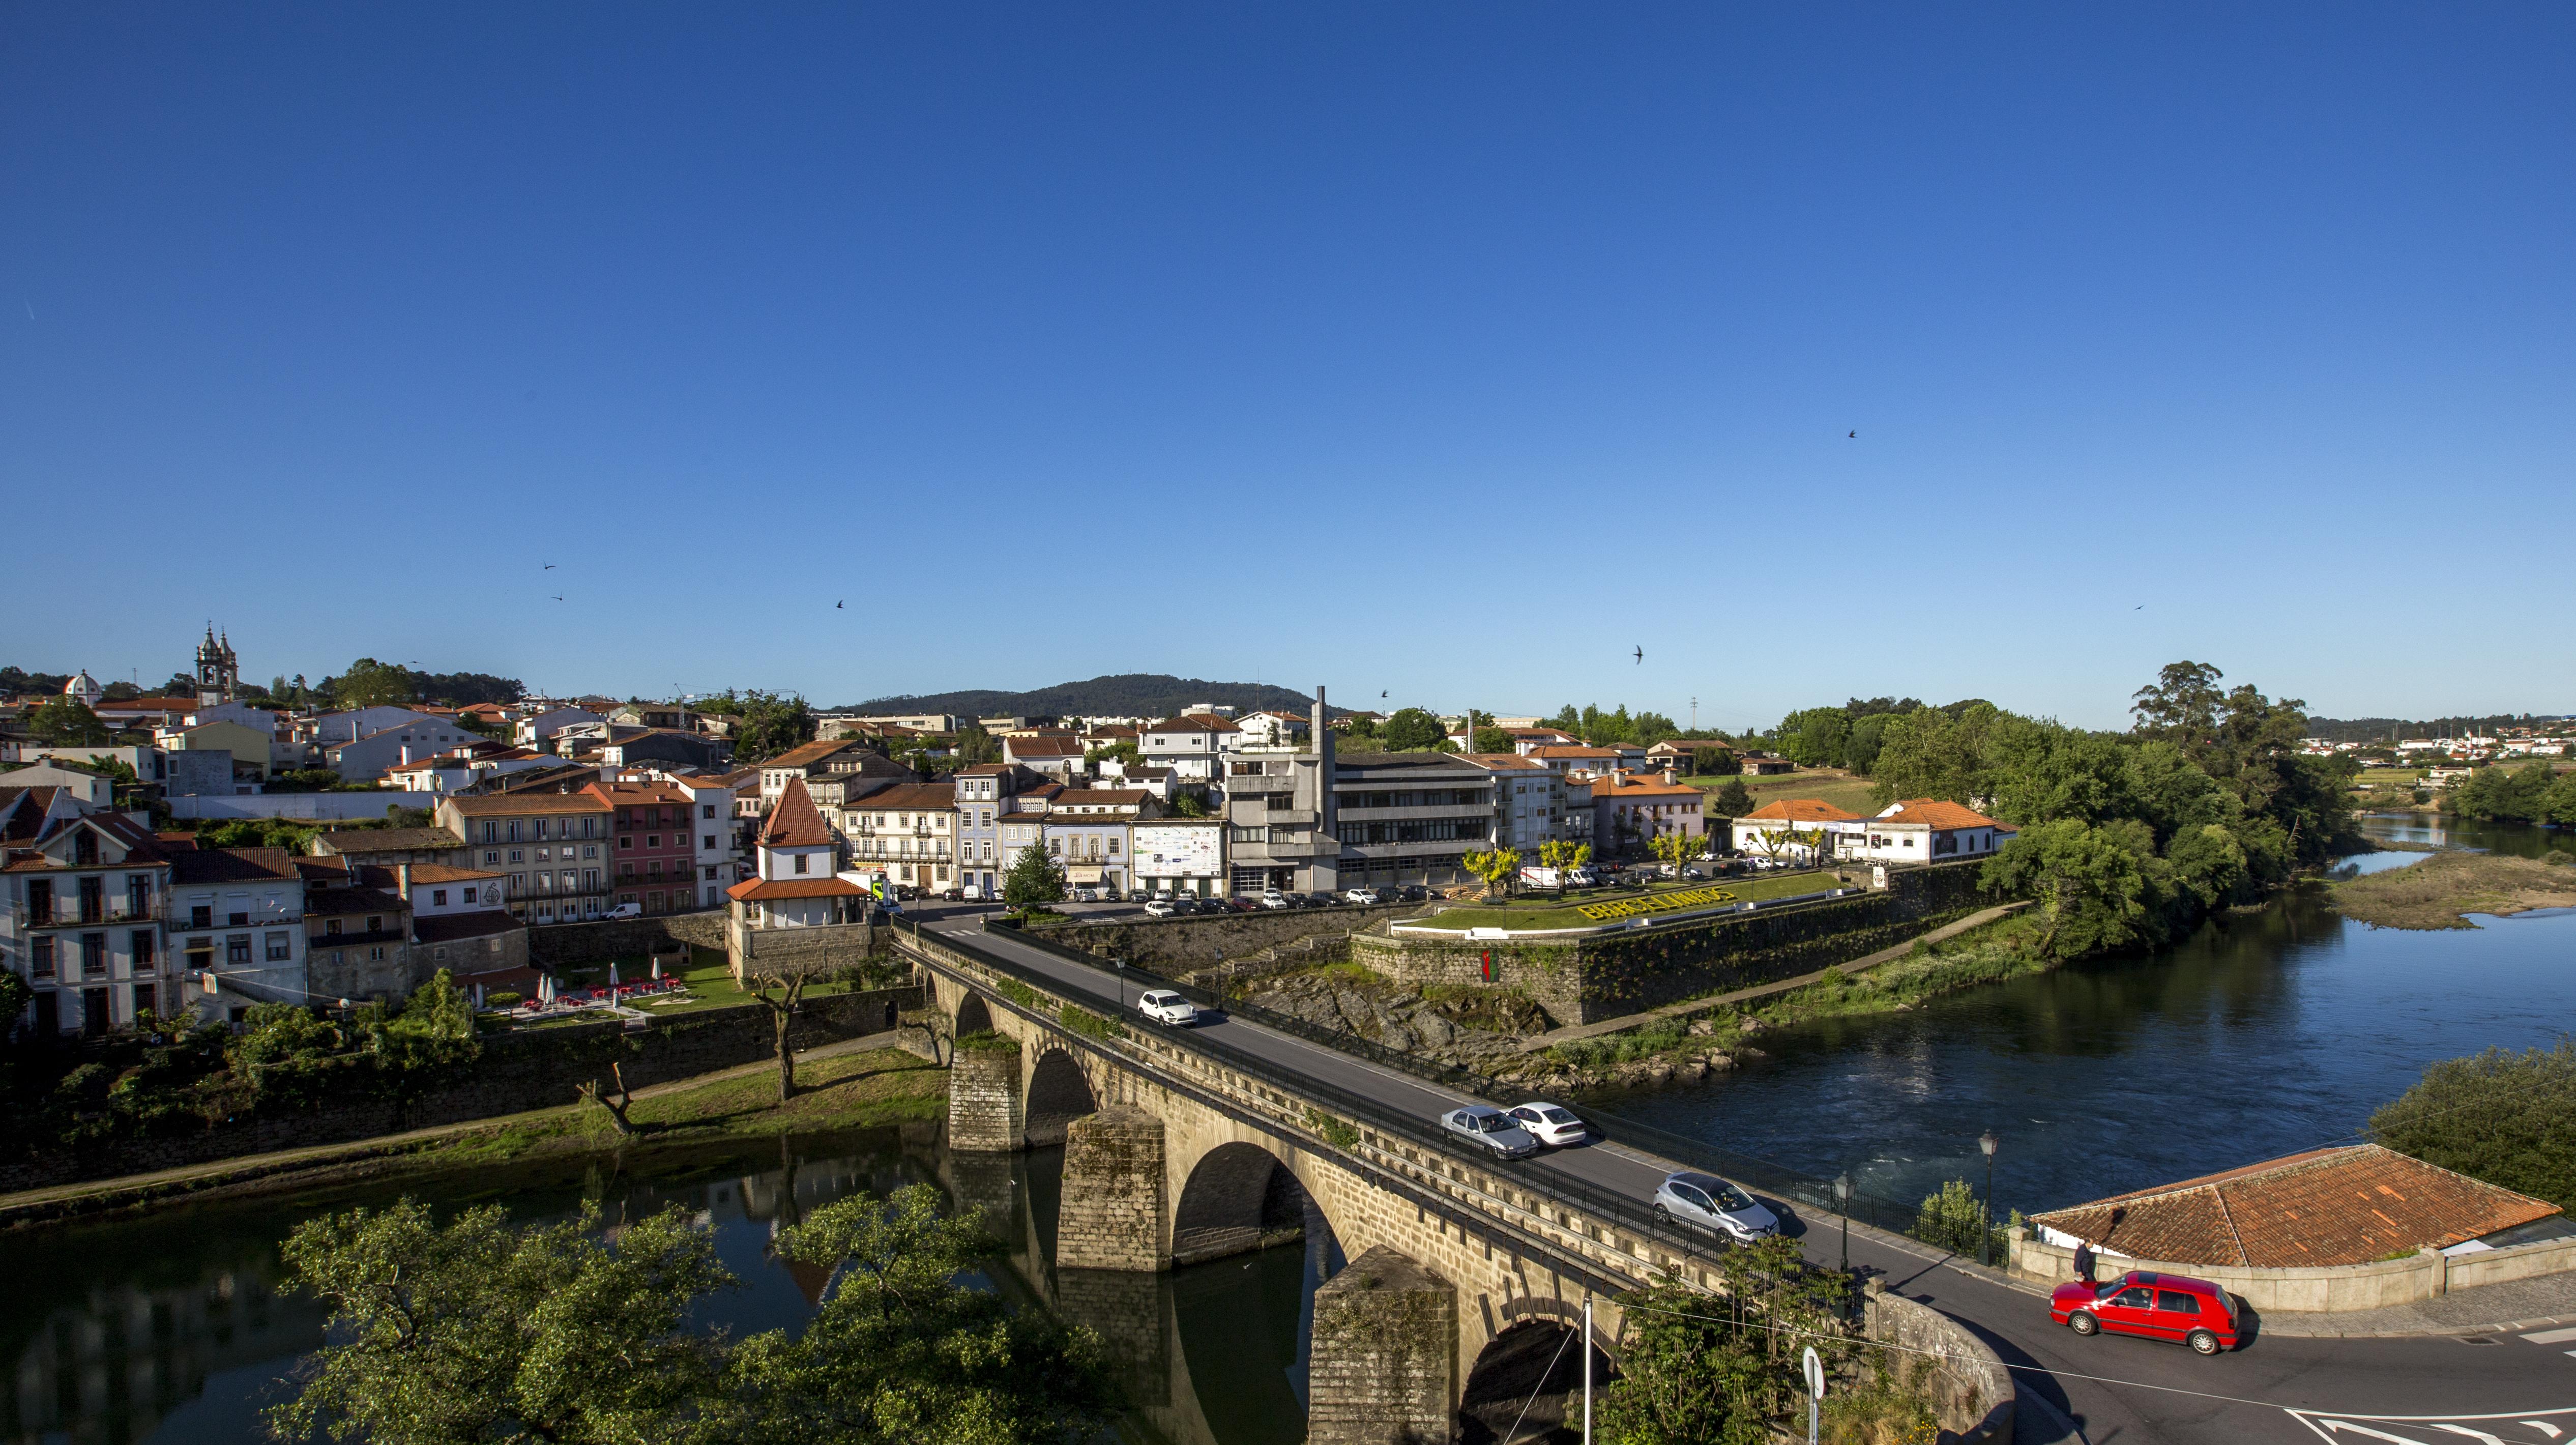 Requalificação pedonal da ponte medieval e ruas de Barcelinhos em concurso público